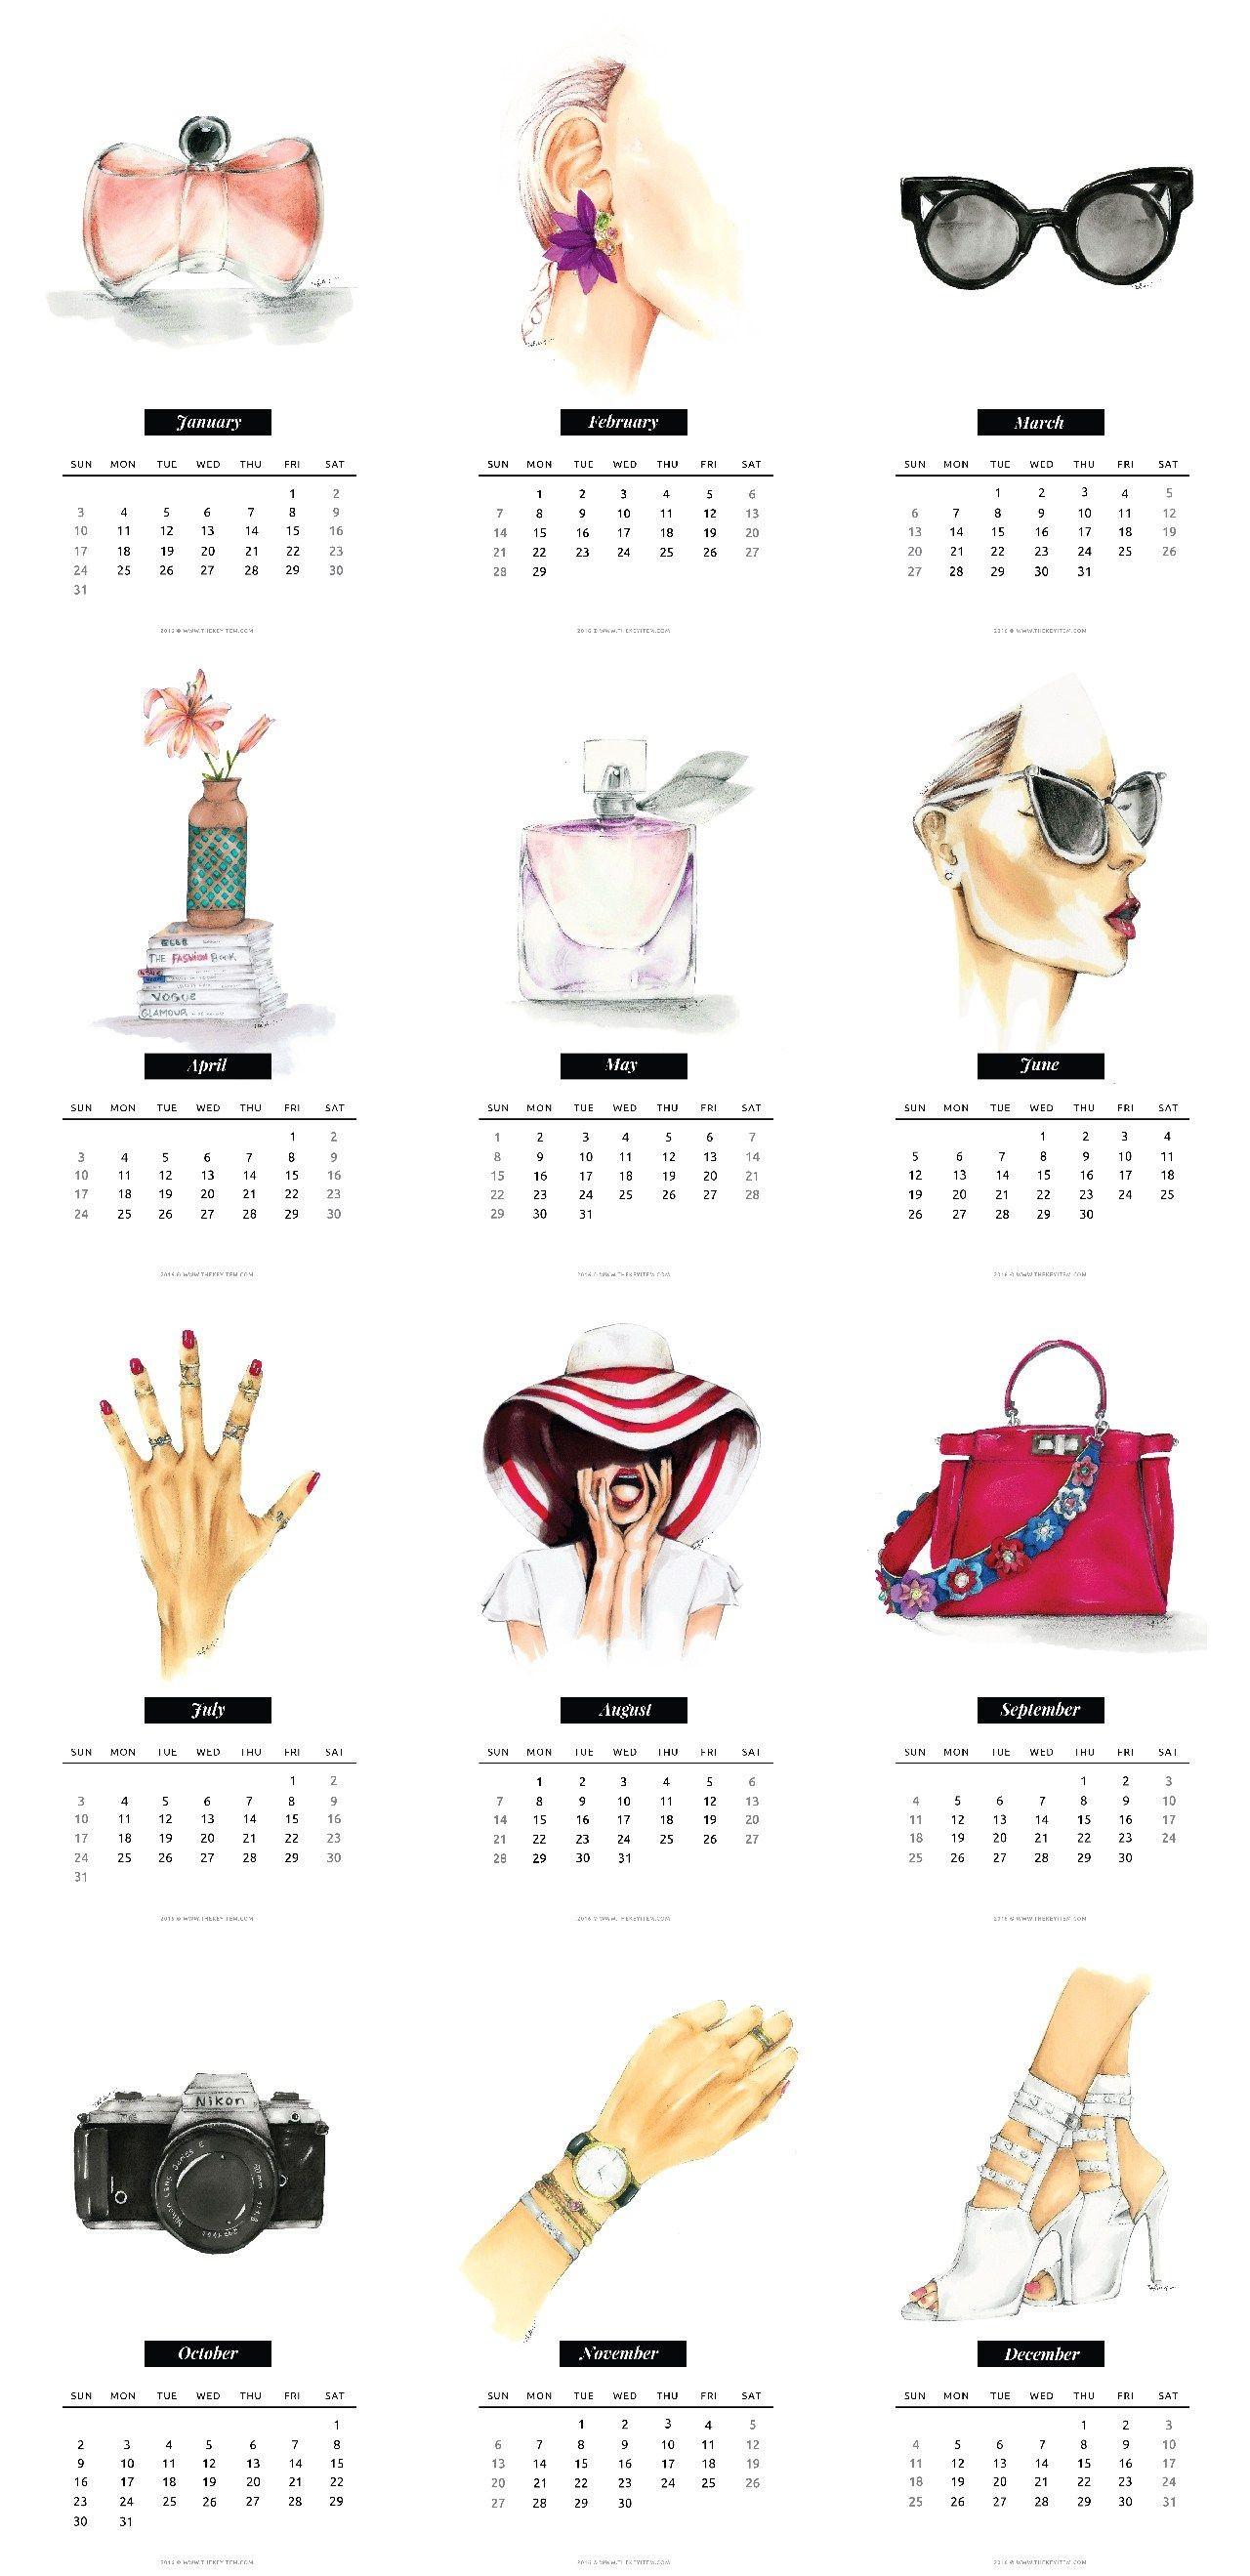 Calendario Escolar 2019 Uach Más Reciente Calendario Ilustrado 2016 Gratis Of Calendario Escolar 2019 Uach Recientes Antiquariat Inlibris Gilhofer Nfg Gmbh Zvab